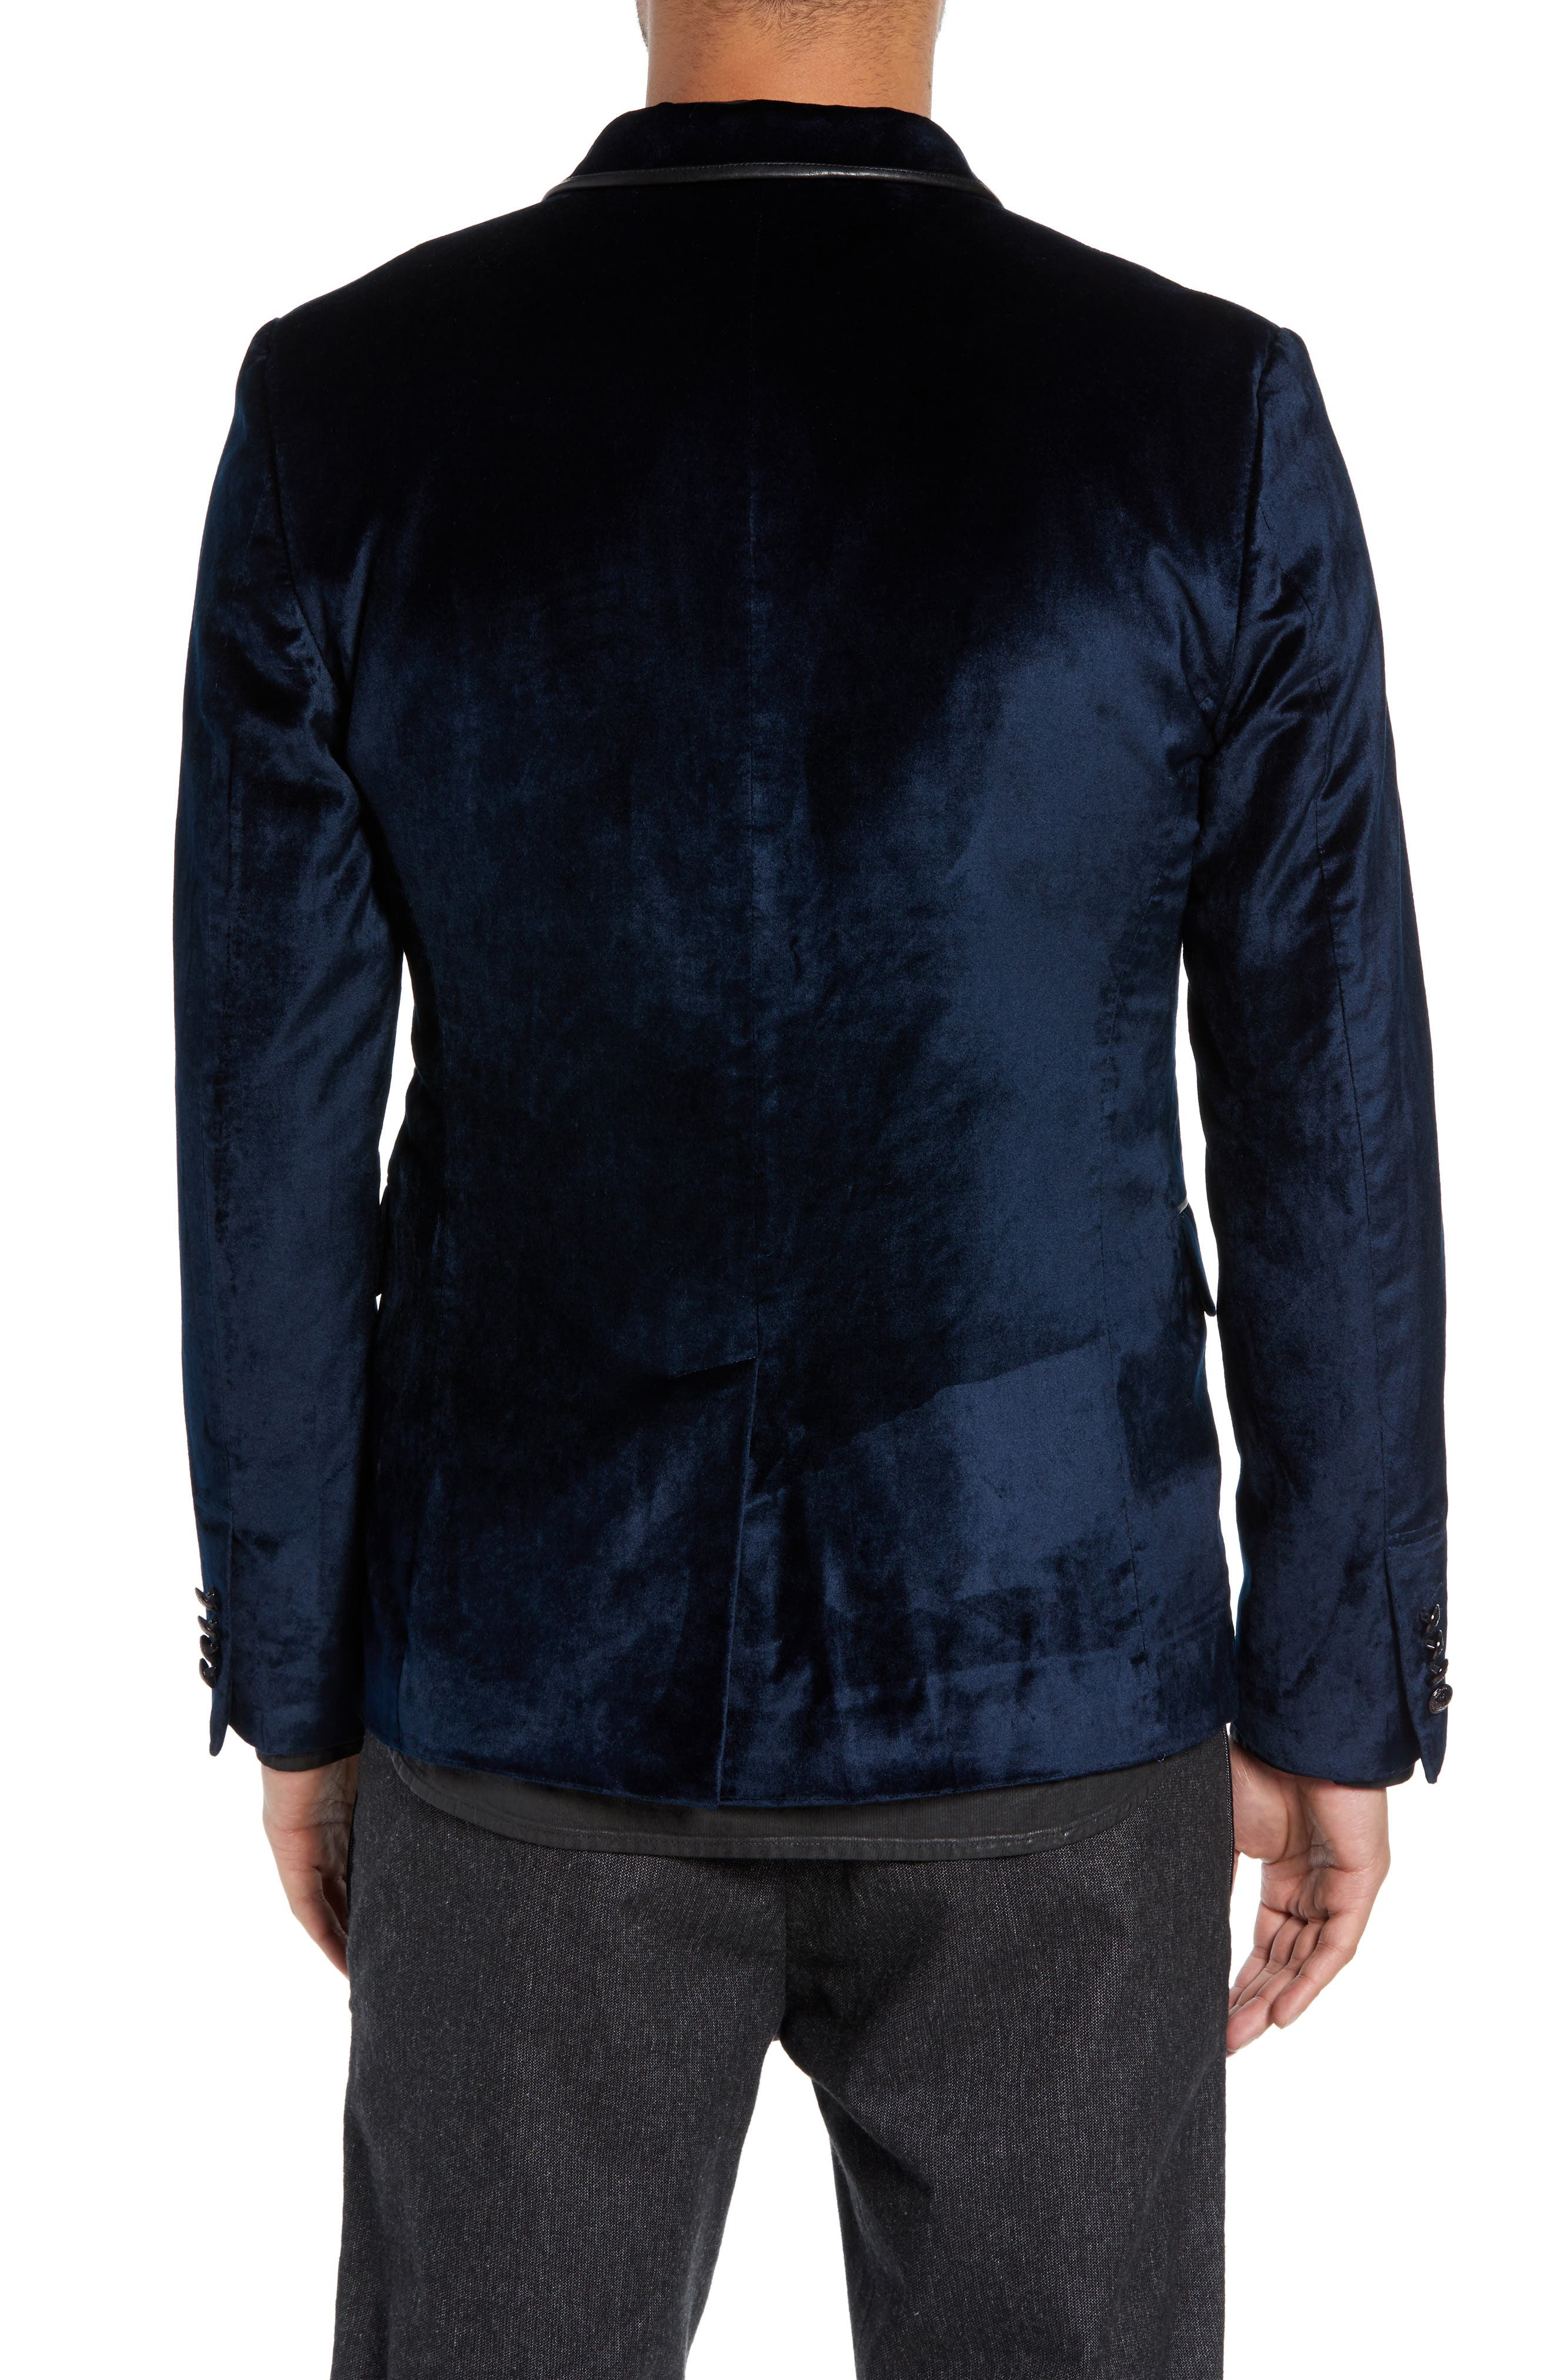 Velvet Dinner Jacket with Leather Trim,                             Alternate thumbnail 2, color,                             478